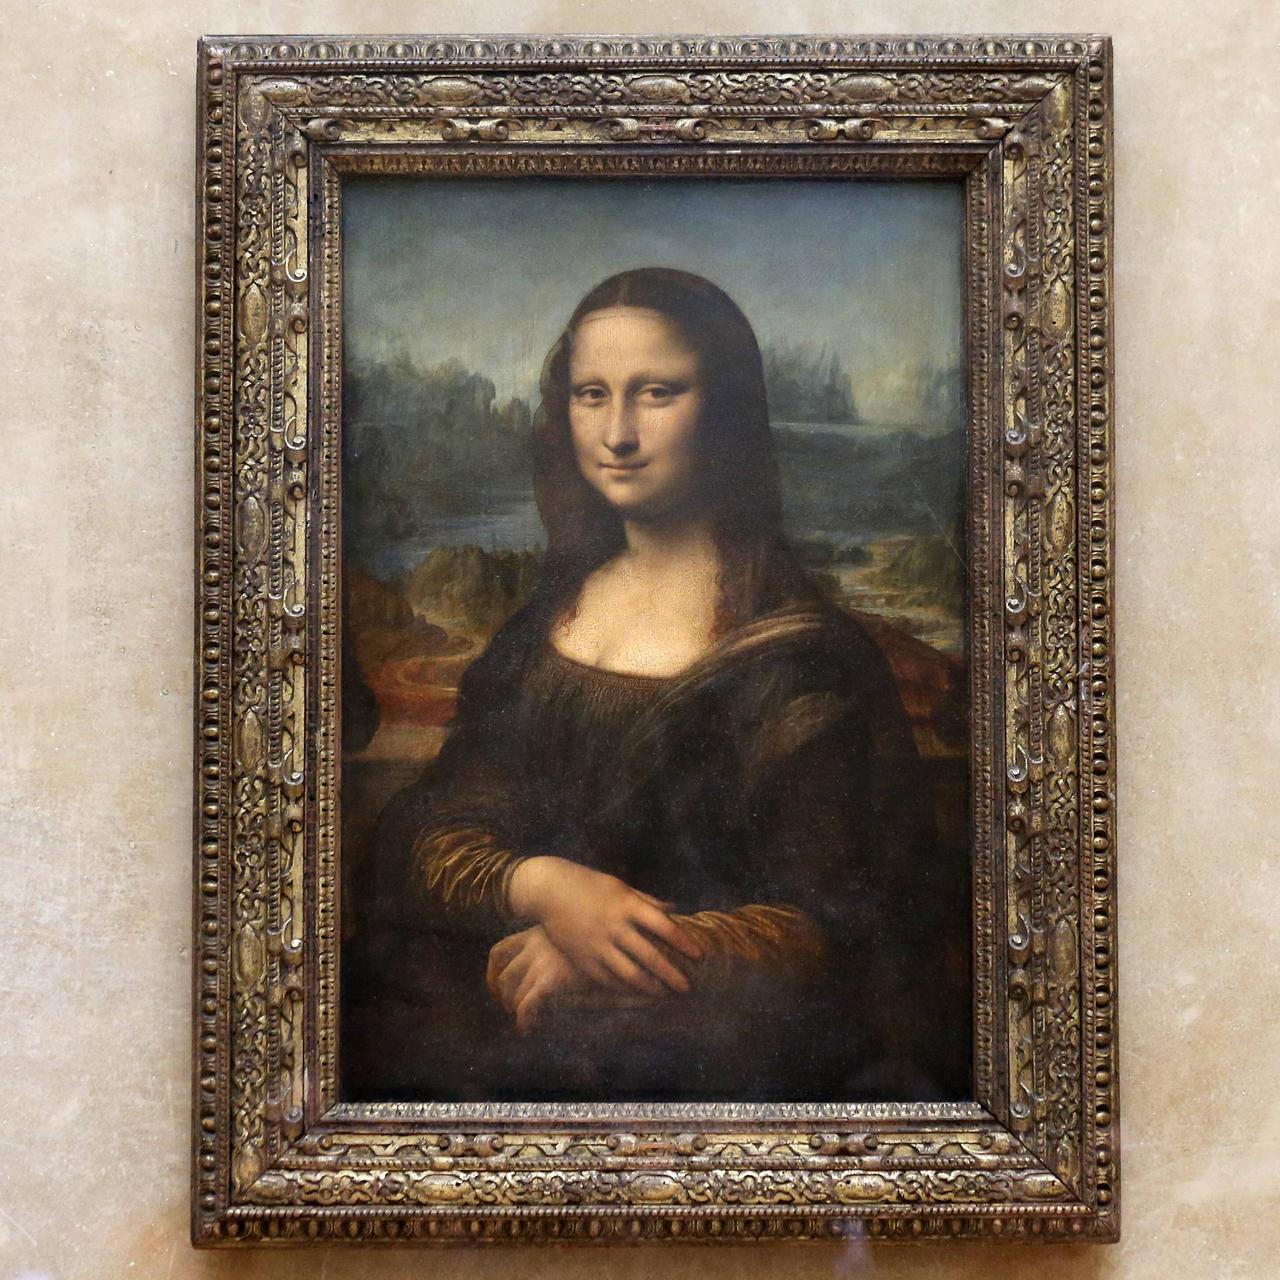 Mona Lisa: Das Größte Rätsel Der Kunstgeschichte bestimmt für Wann Hat Leonardo Da Vinci Die Mona Lisa Gemalt